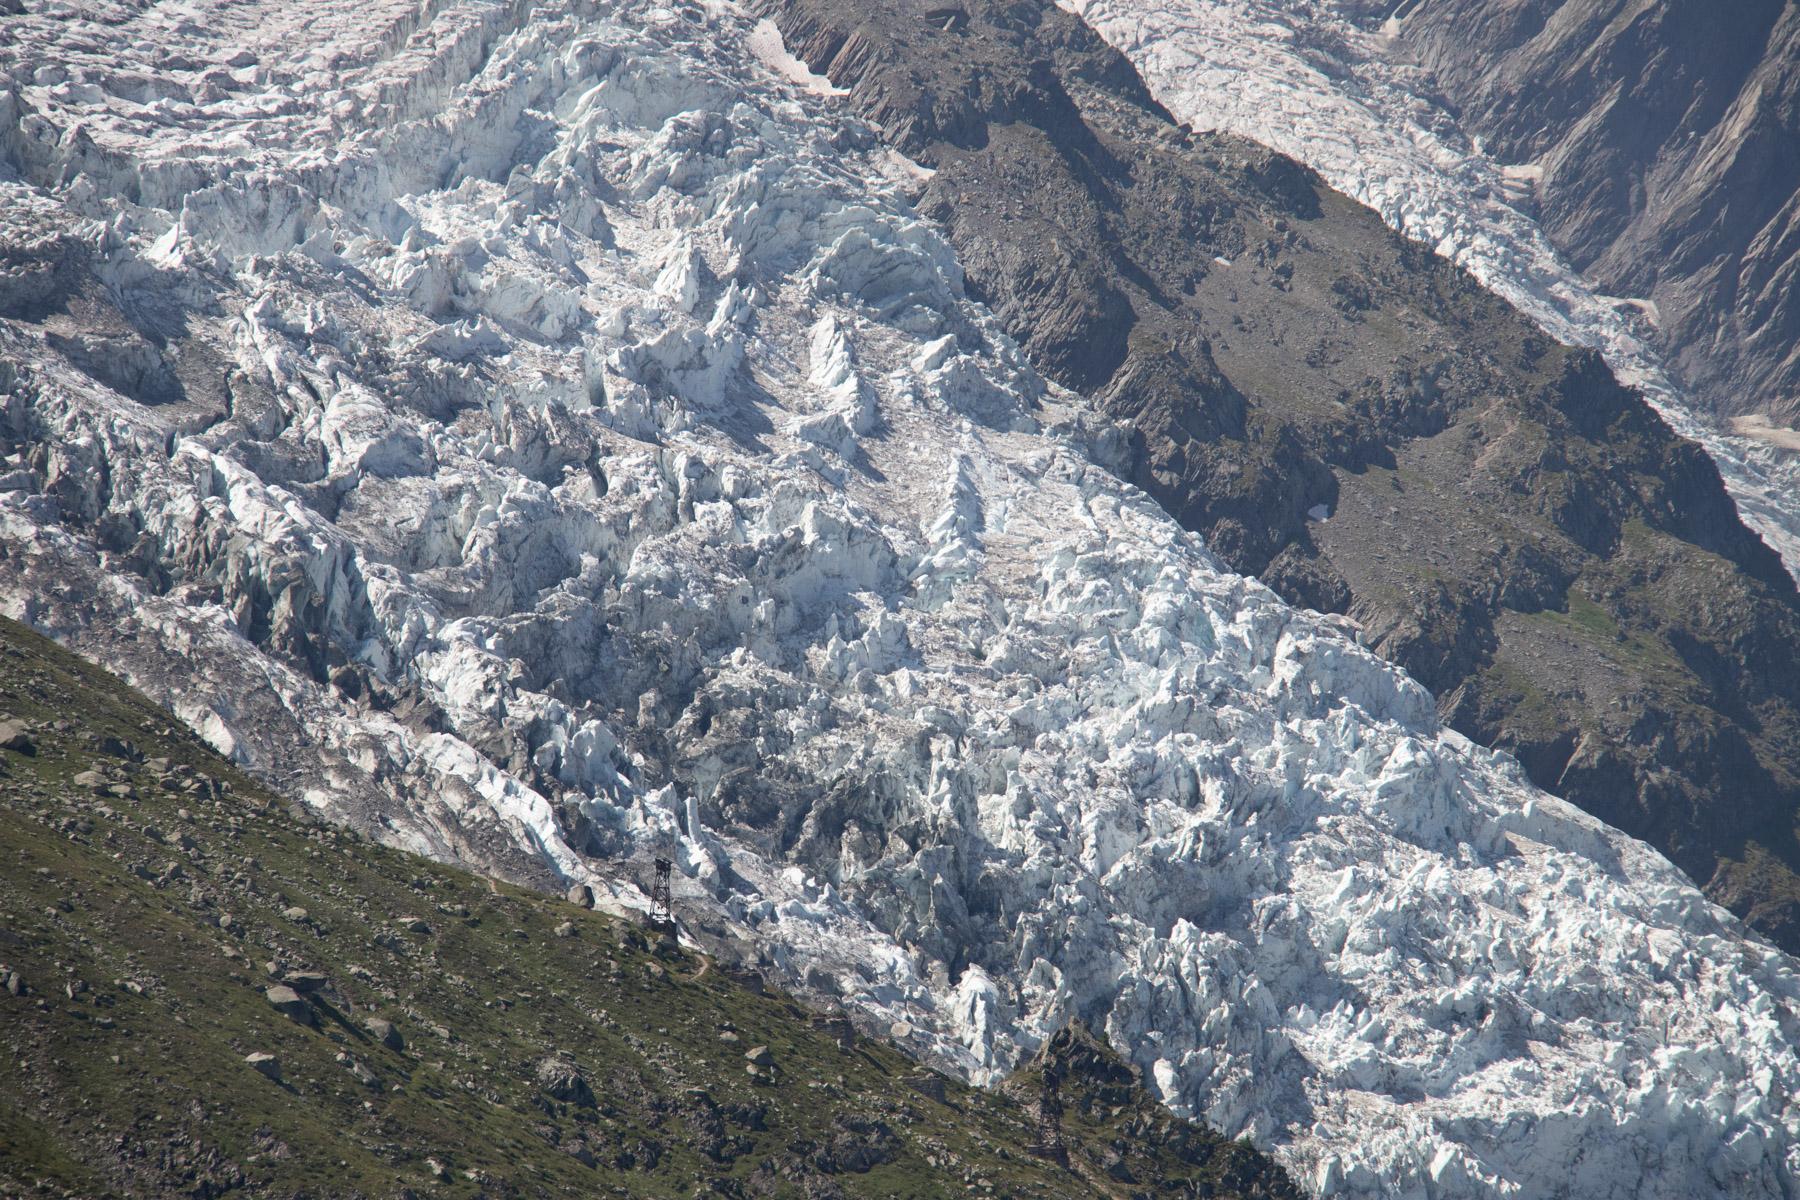 Een van de gletsjers die naar beneden loopt vanaf de Mont BlancEen van de gletsjers die naar beneden loopt vanaf de Mont Blanc